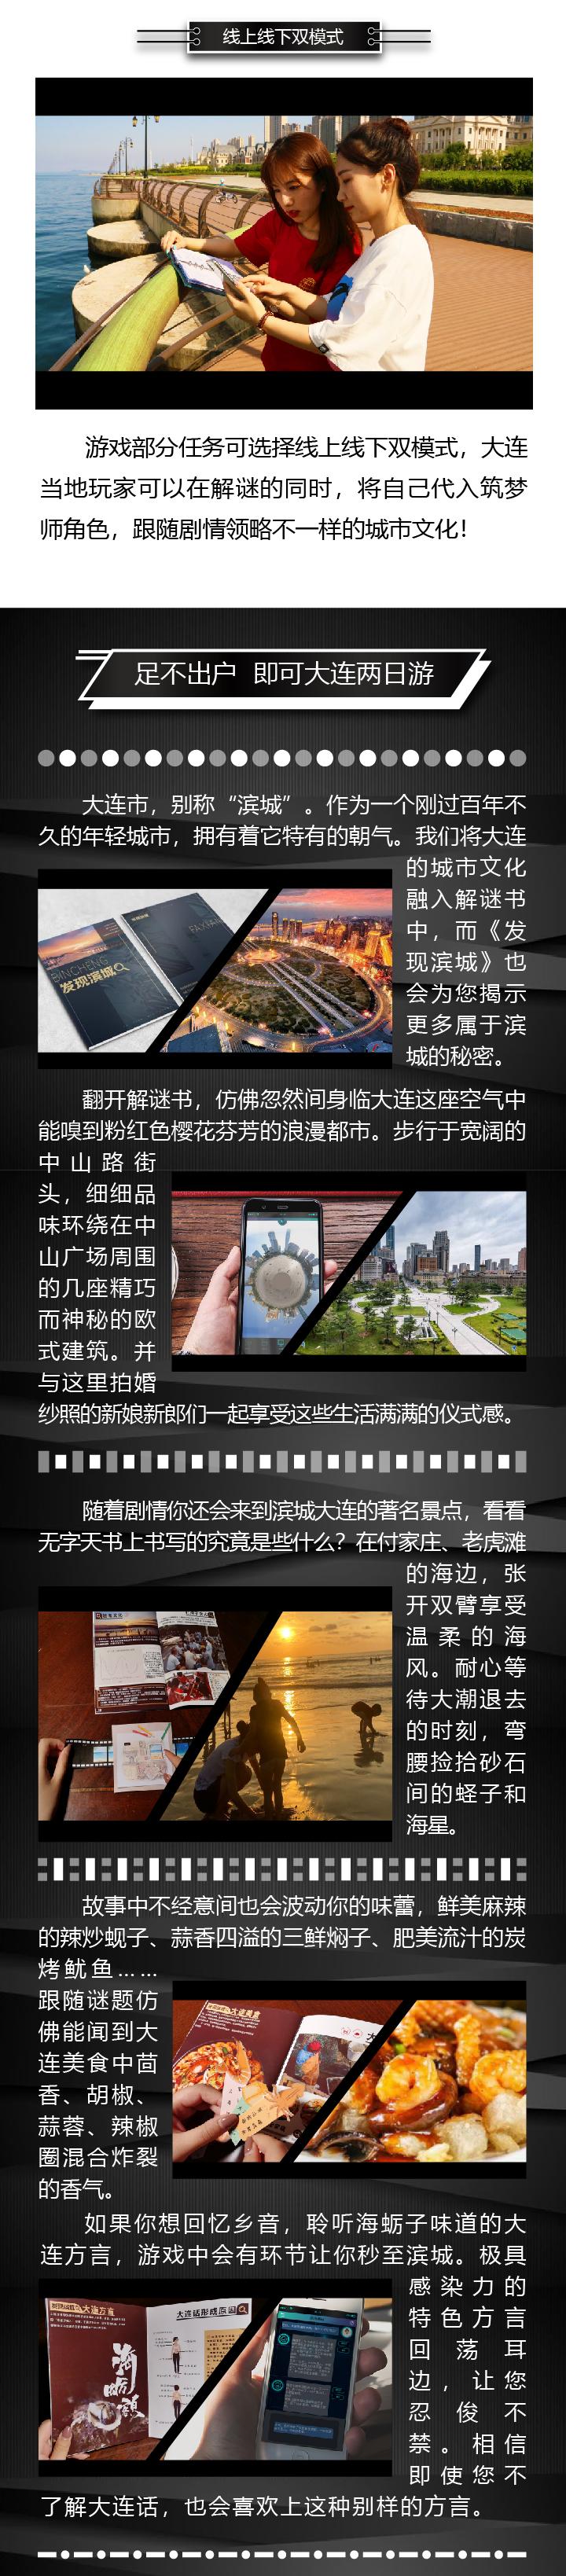 微信图片_20200731111114.jpg